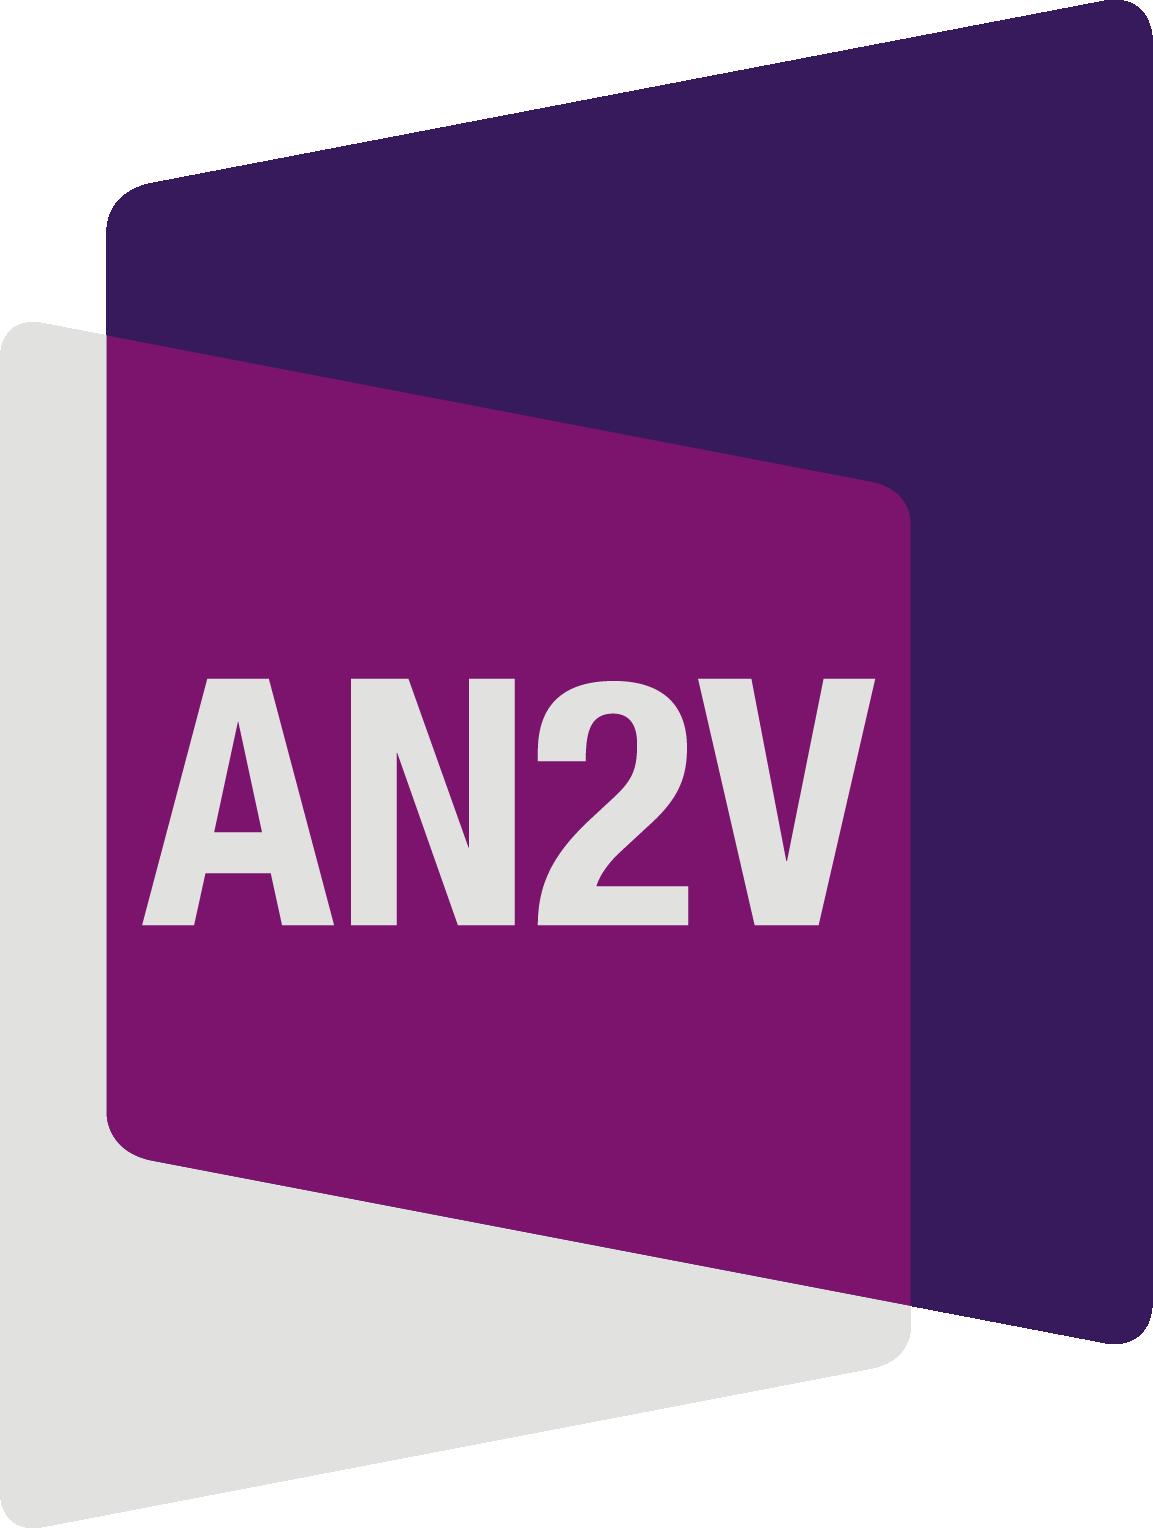 AN2V, Partenaire officiel